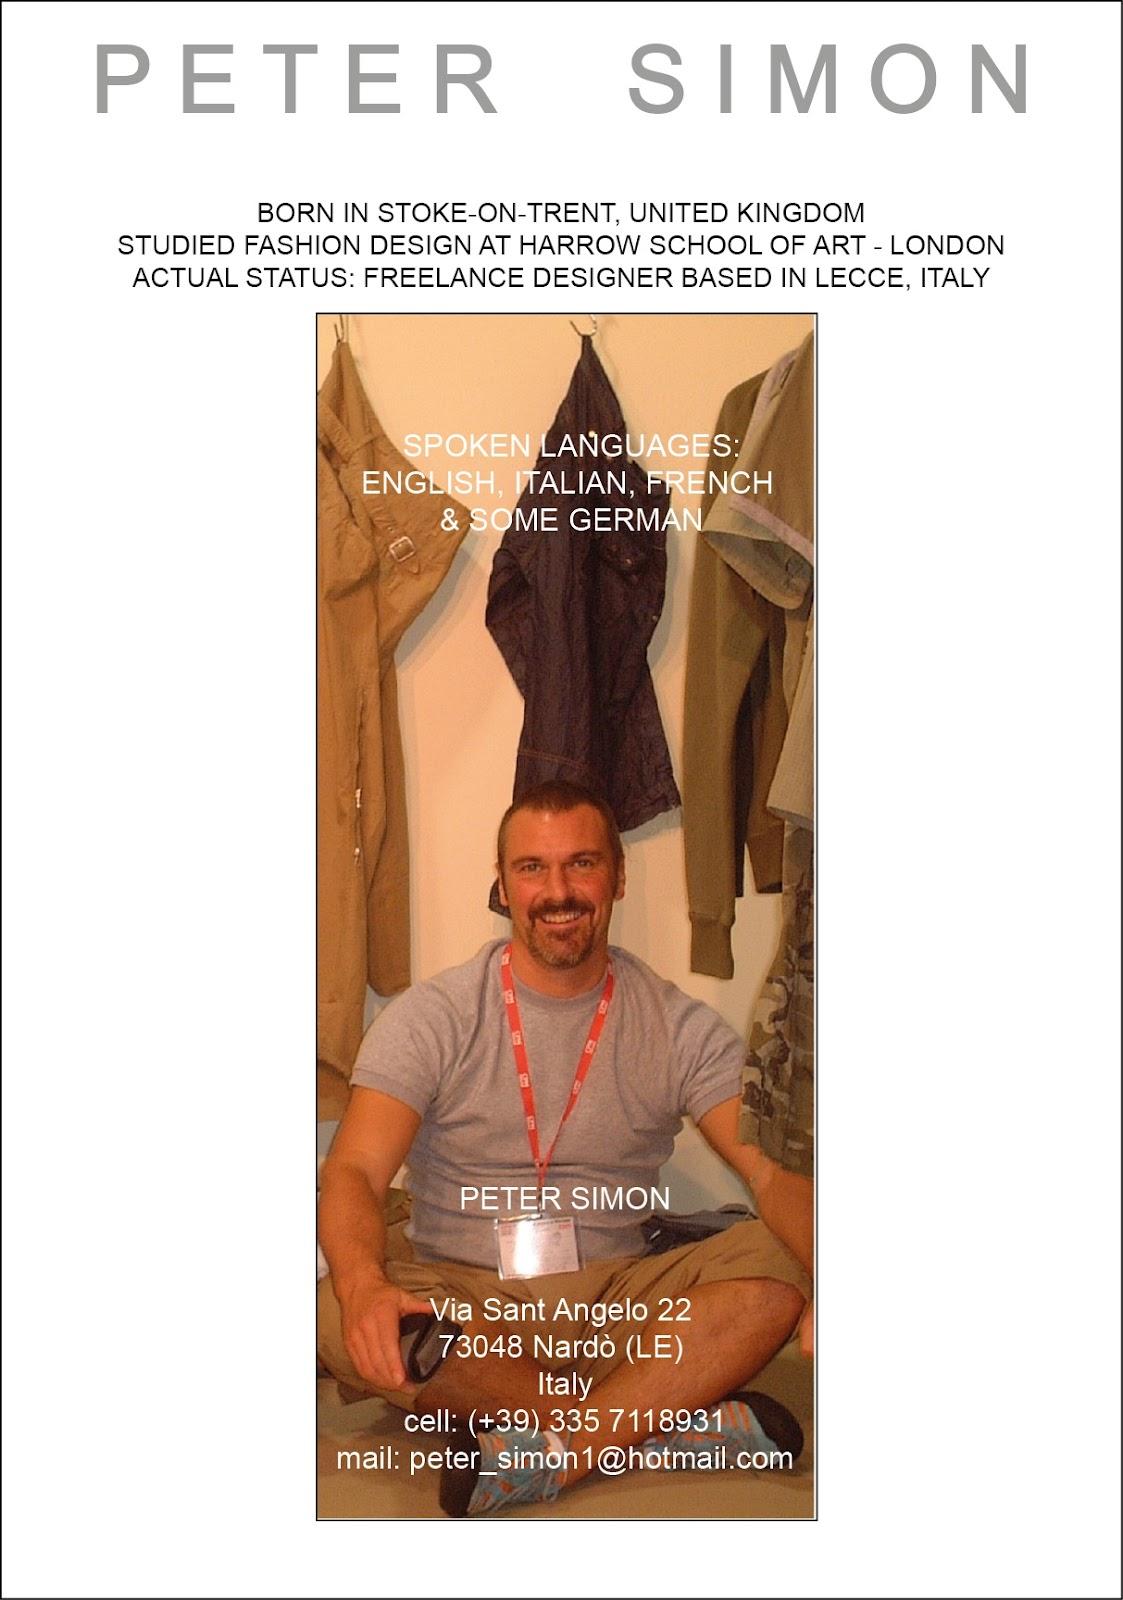 peter simon - designer  curriculum vitae